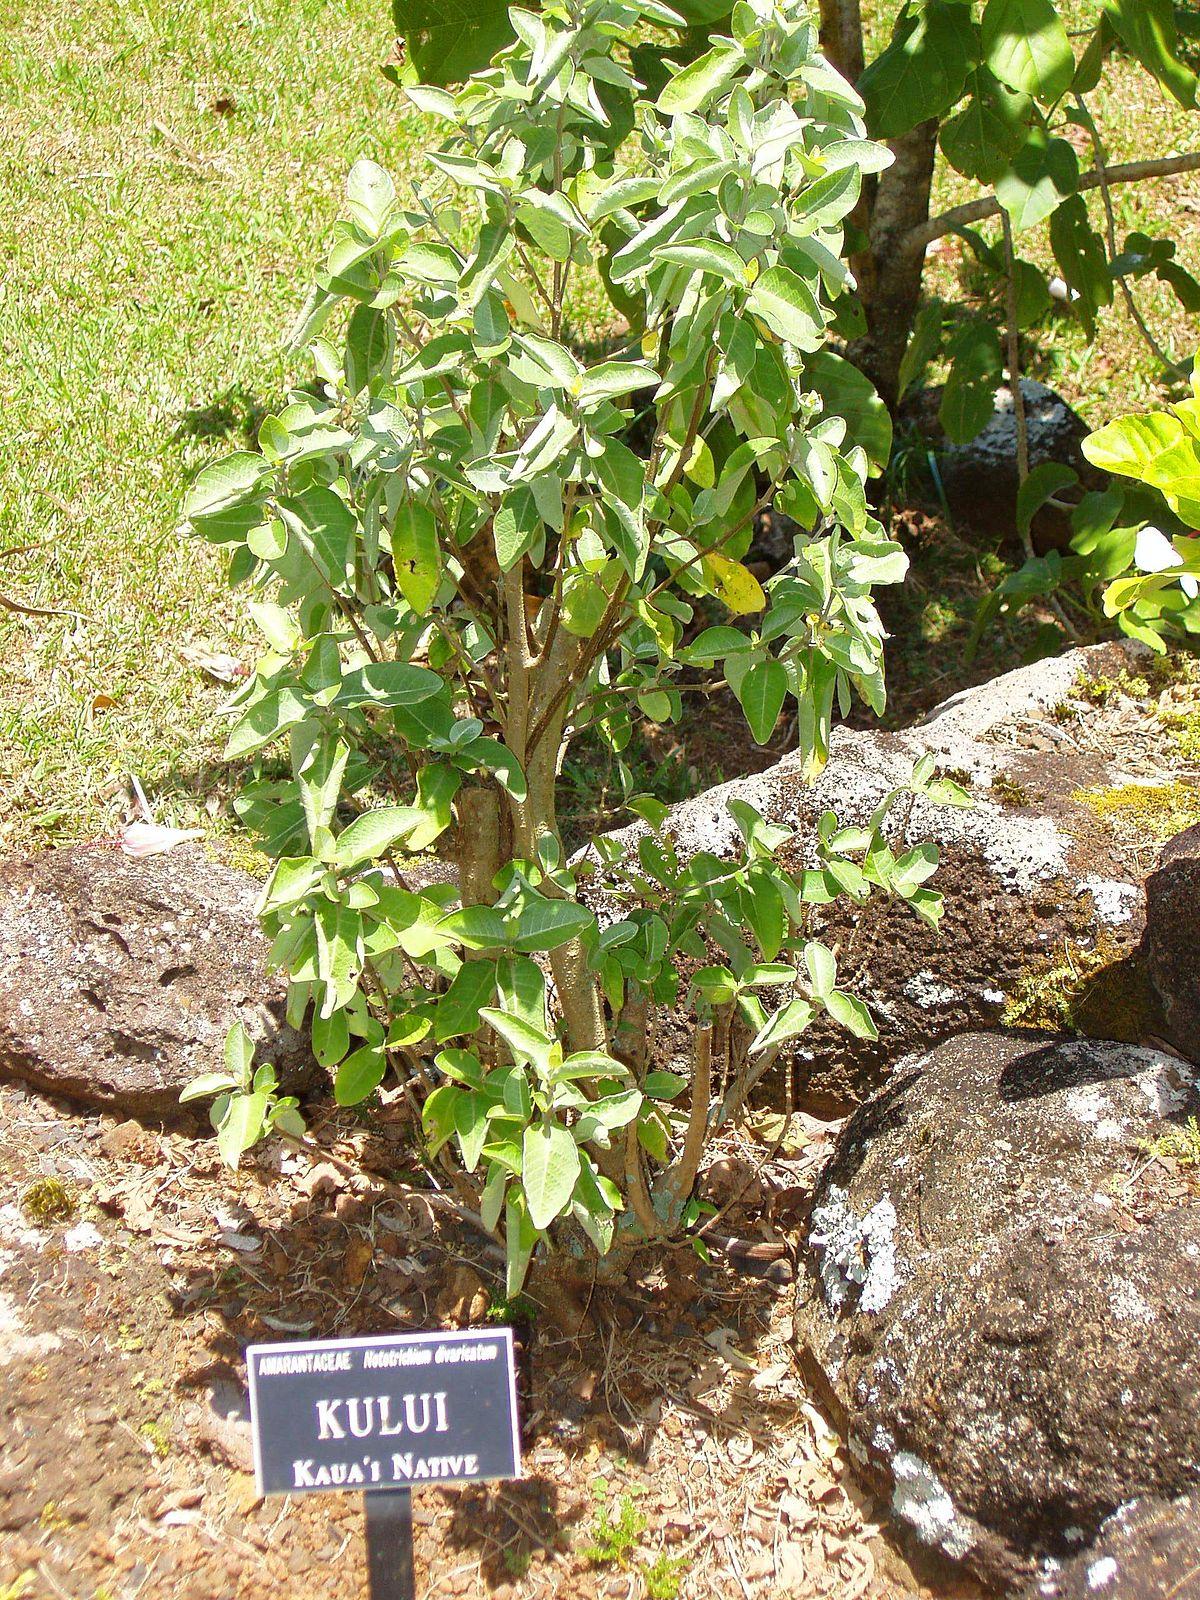 Nototrichium Divaricatum Wikidata